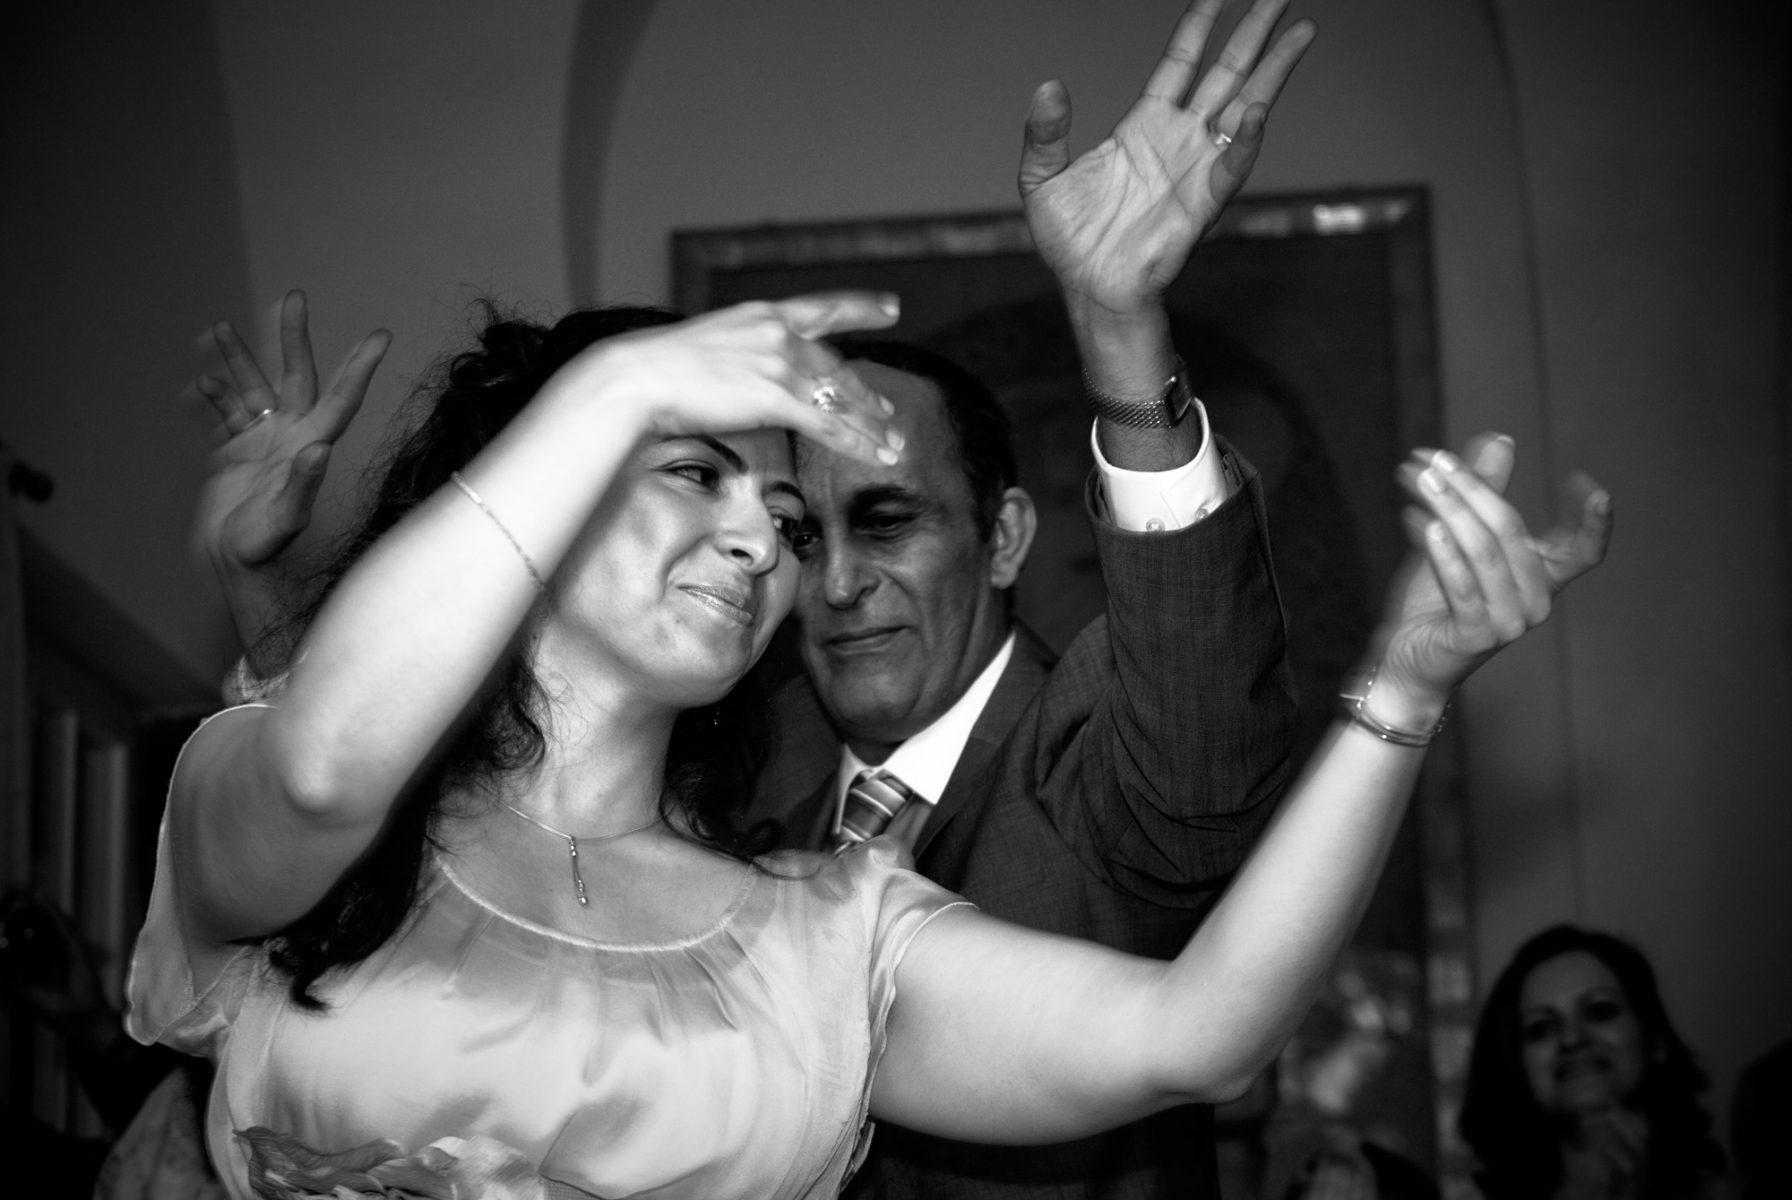 Hochzeit Feier  B2000 6 1792x1200 - FEIER